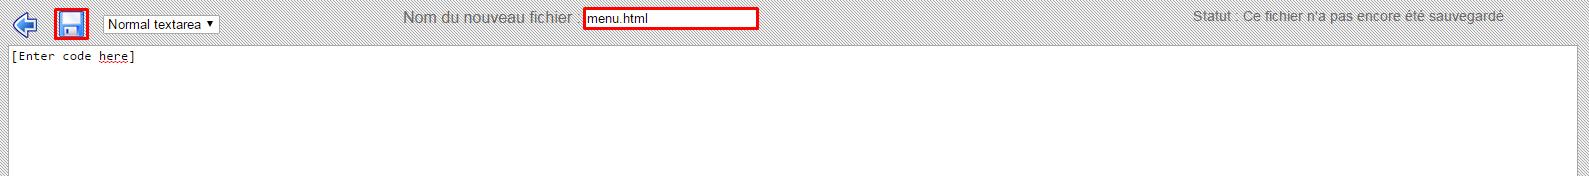 creer fichier menu html